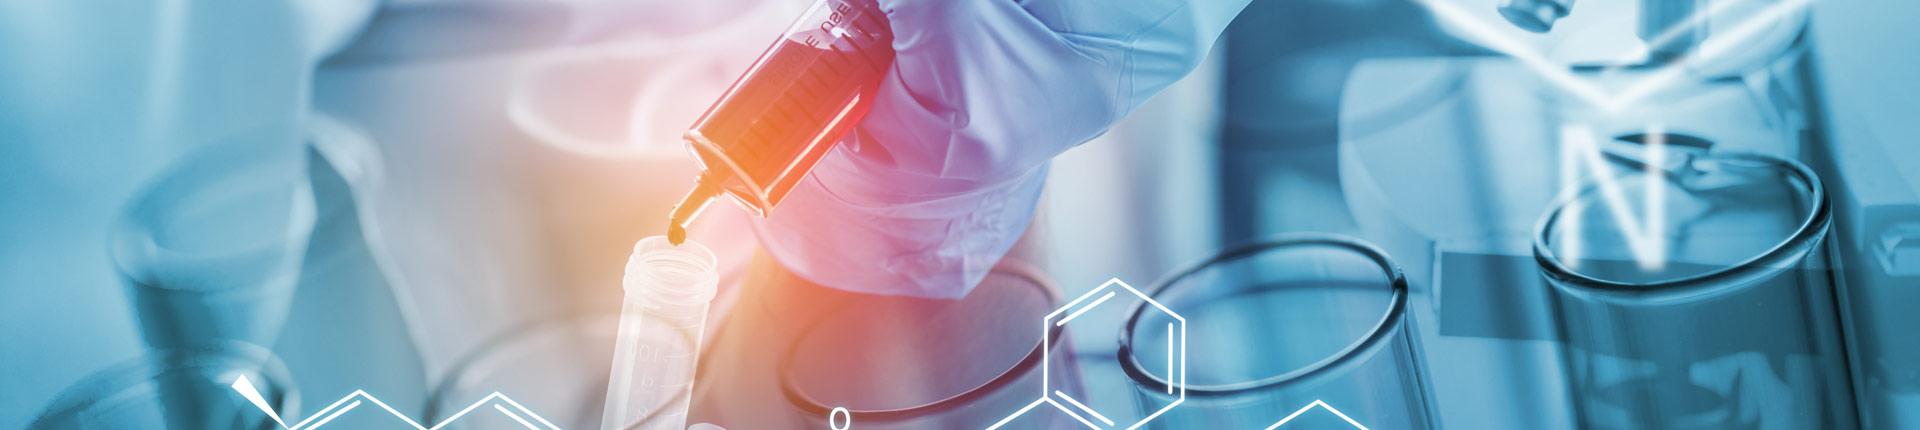 Co zamiast clenbuterolu? 5-hydroxybenzothiazolone - następca clenbuterolu?